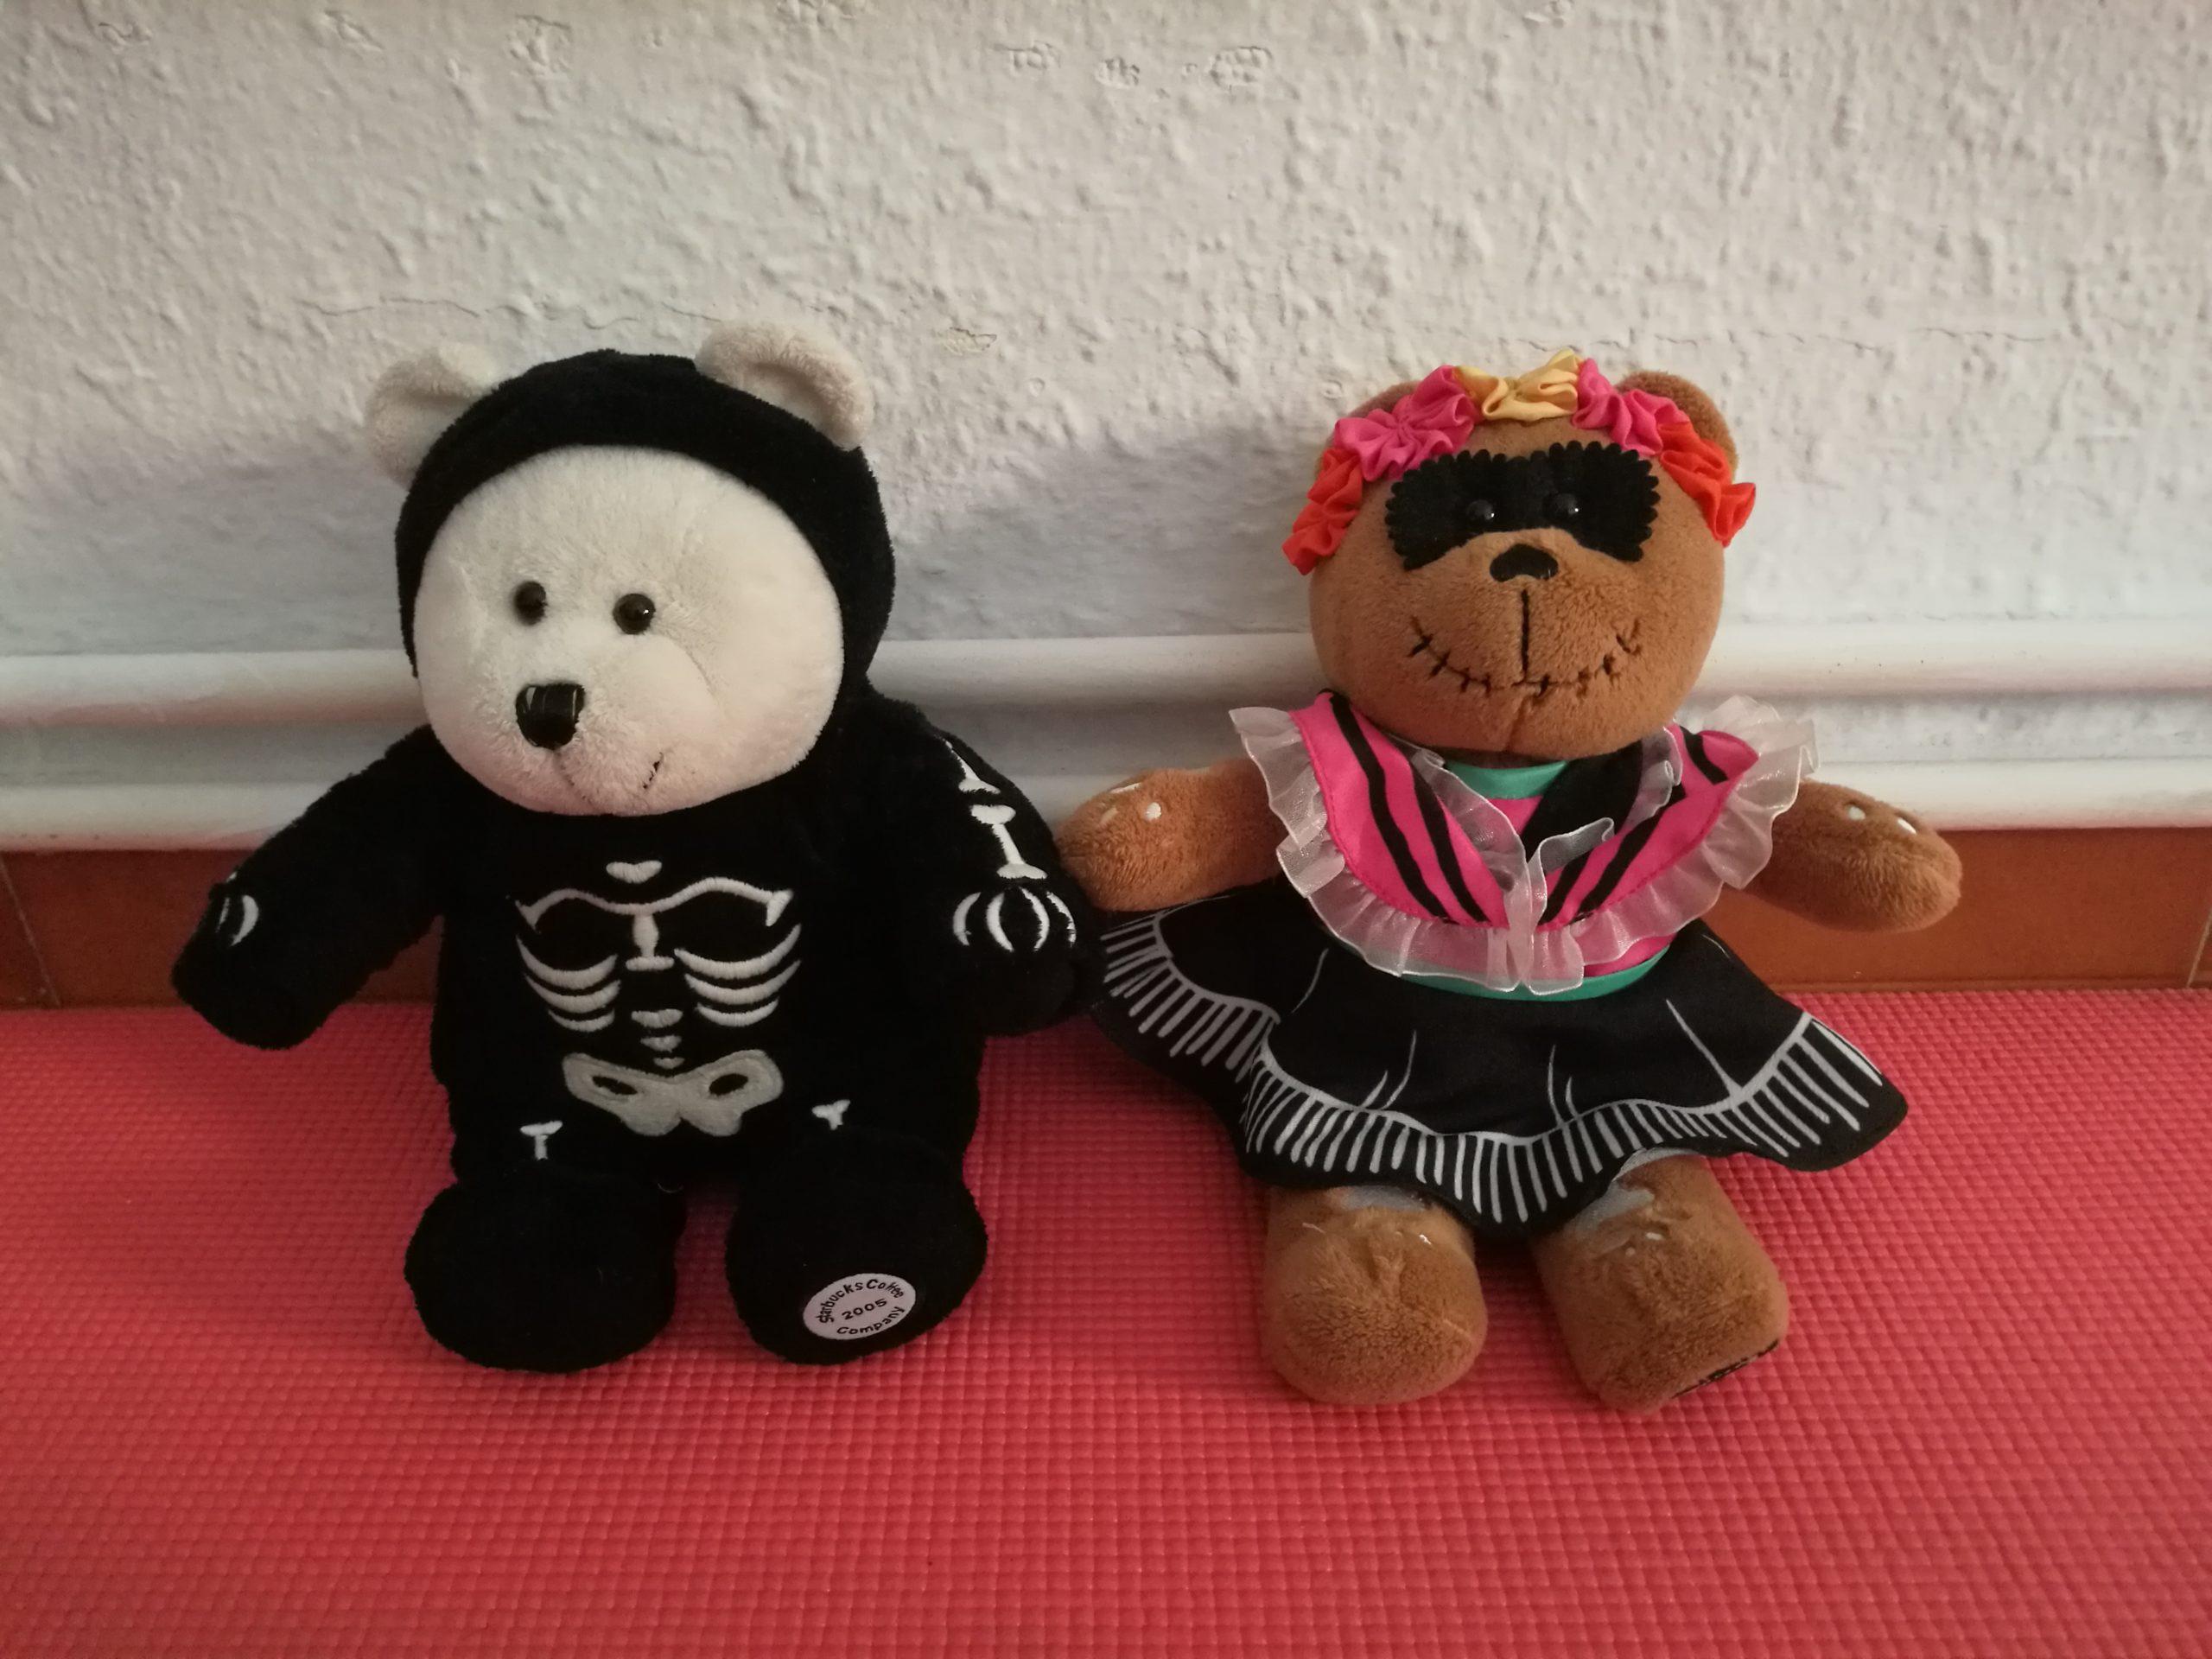 Bearistas, la historia de los adorables osos de peluche de Starbucks – Laura Tejerina